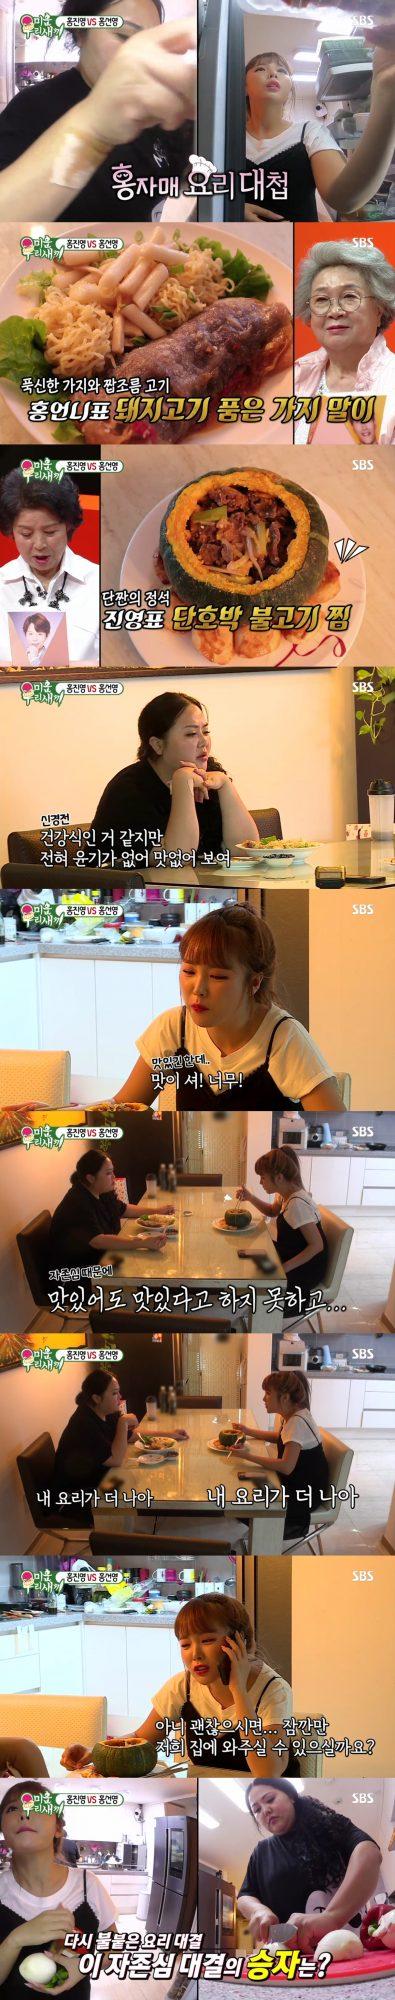 '미우새' 홍진영·홍선영 자매의 요리 대결. /사진제공=SBS